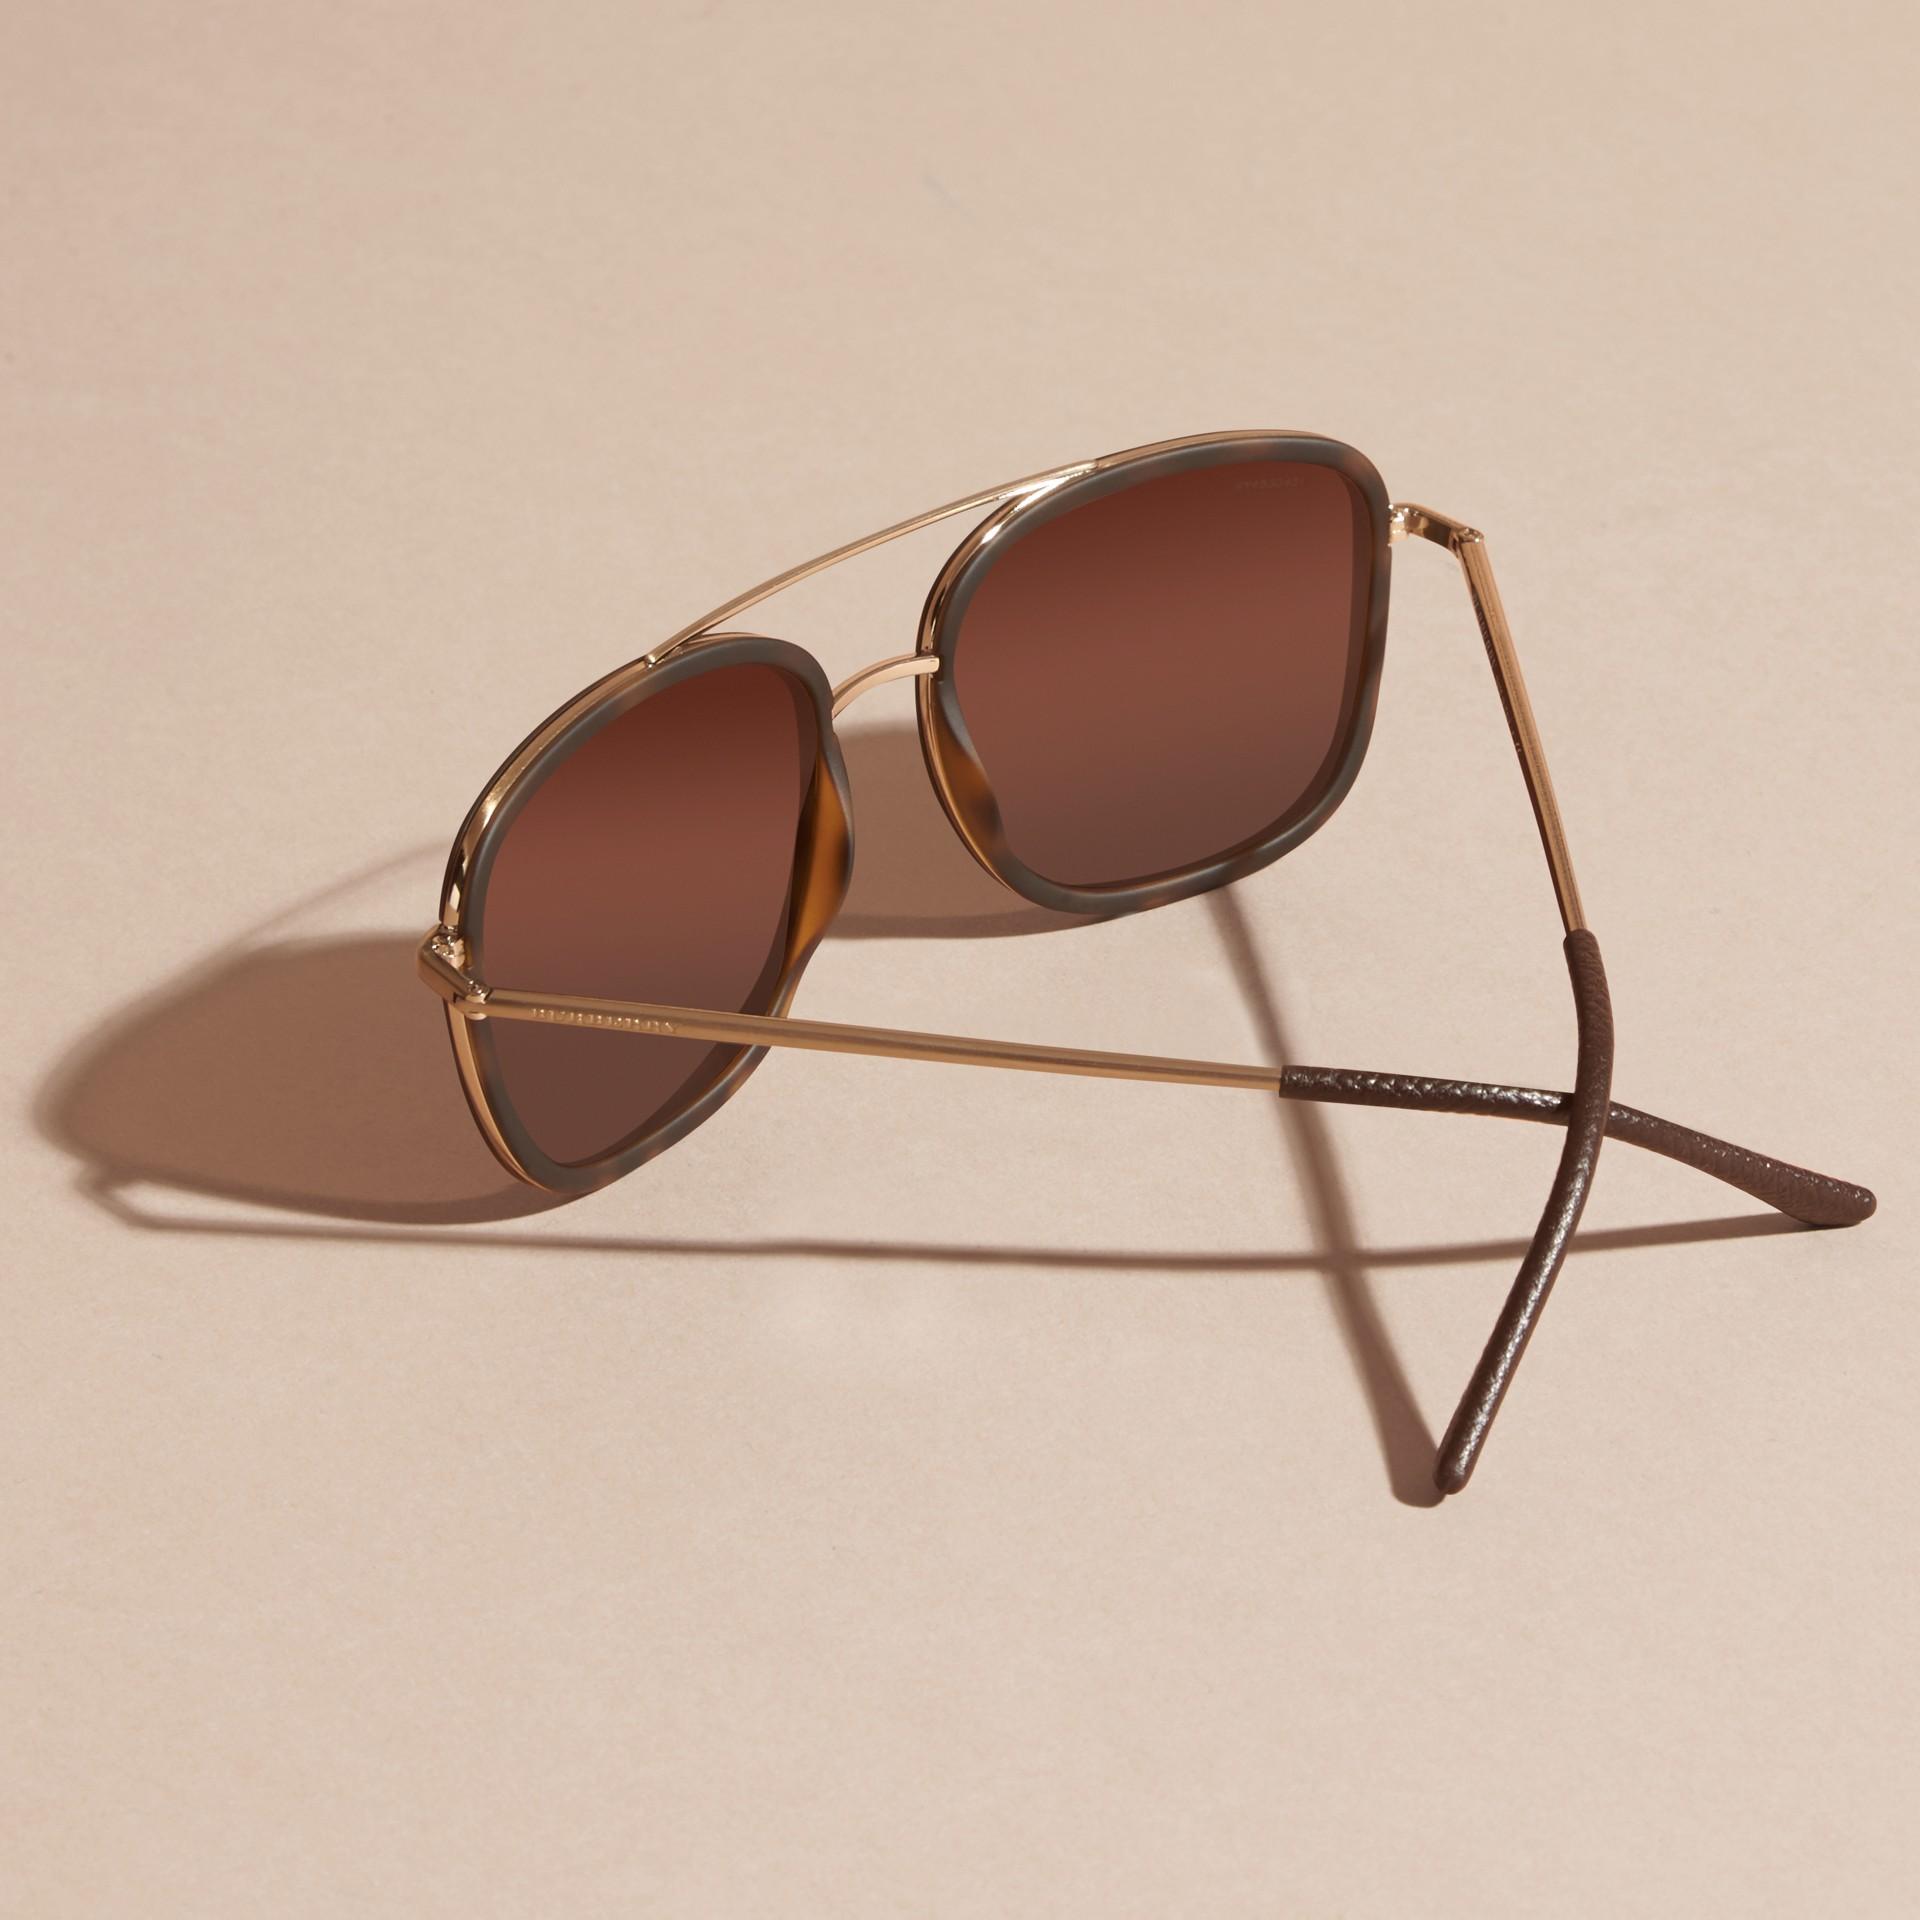 Casco de tartaruga Óculos de sol com armação quadrada de acetato e detalhe em couro Casco  Tartaruga - galeria de imagens 3